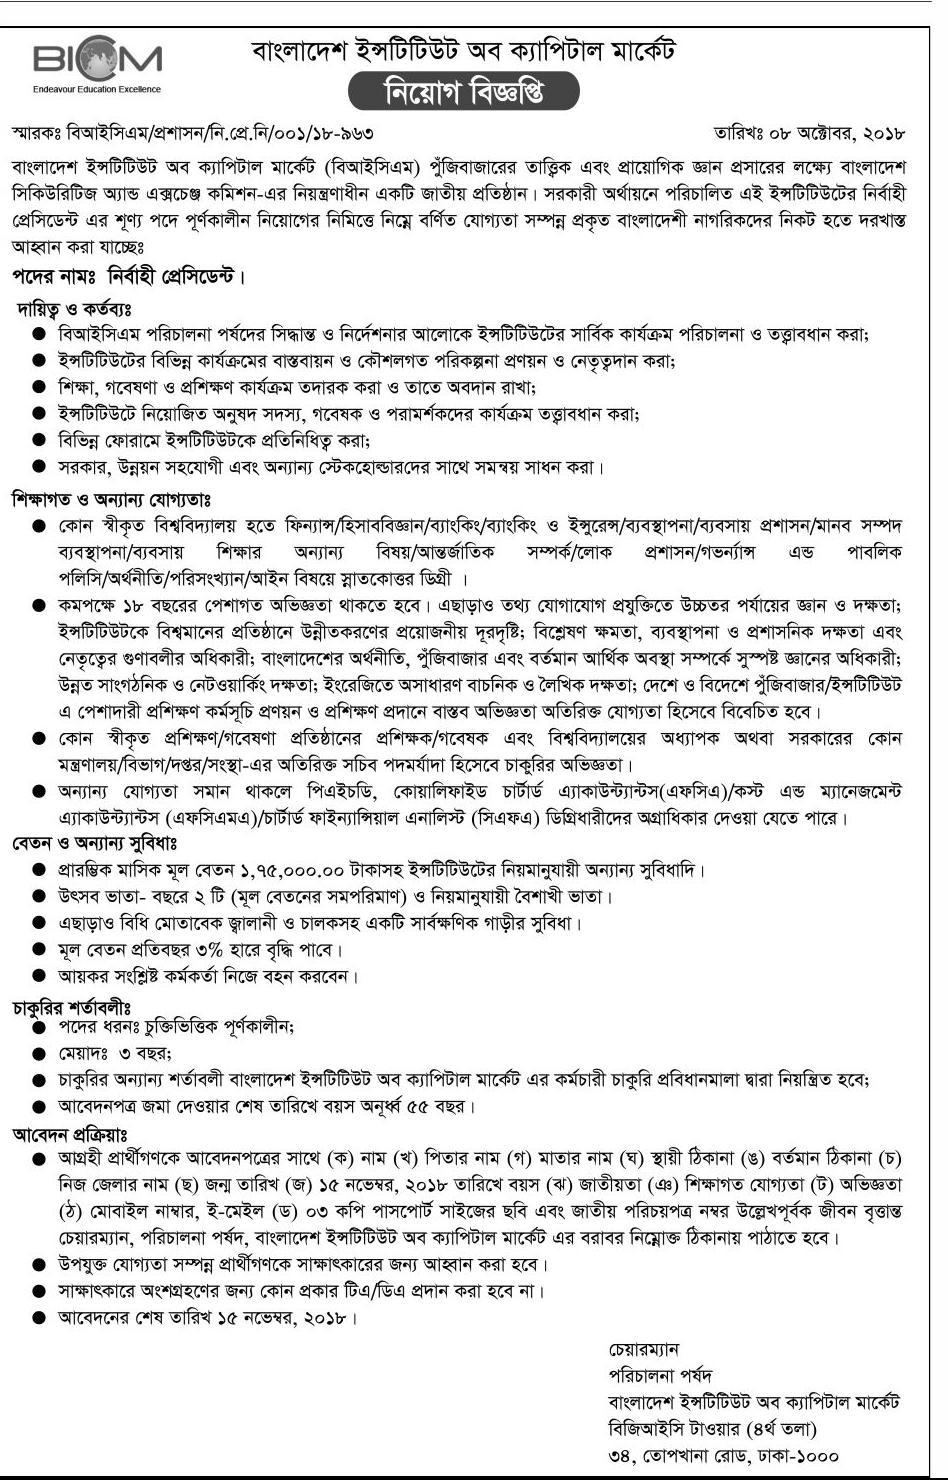 BICM Job Circular Apply